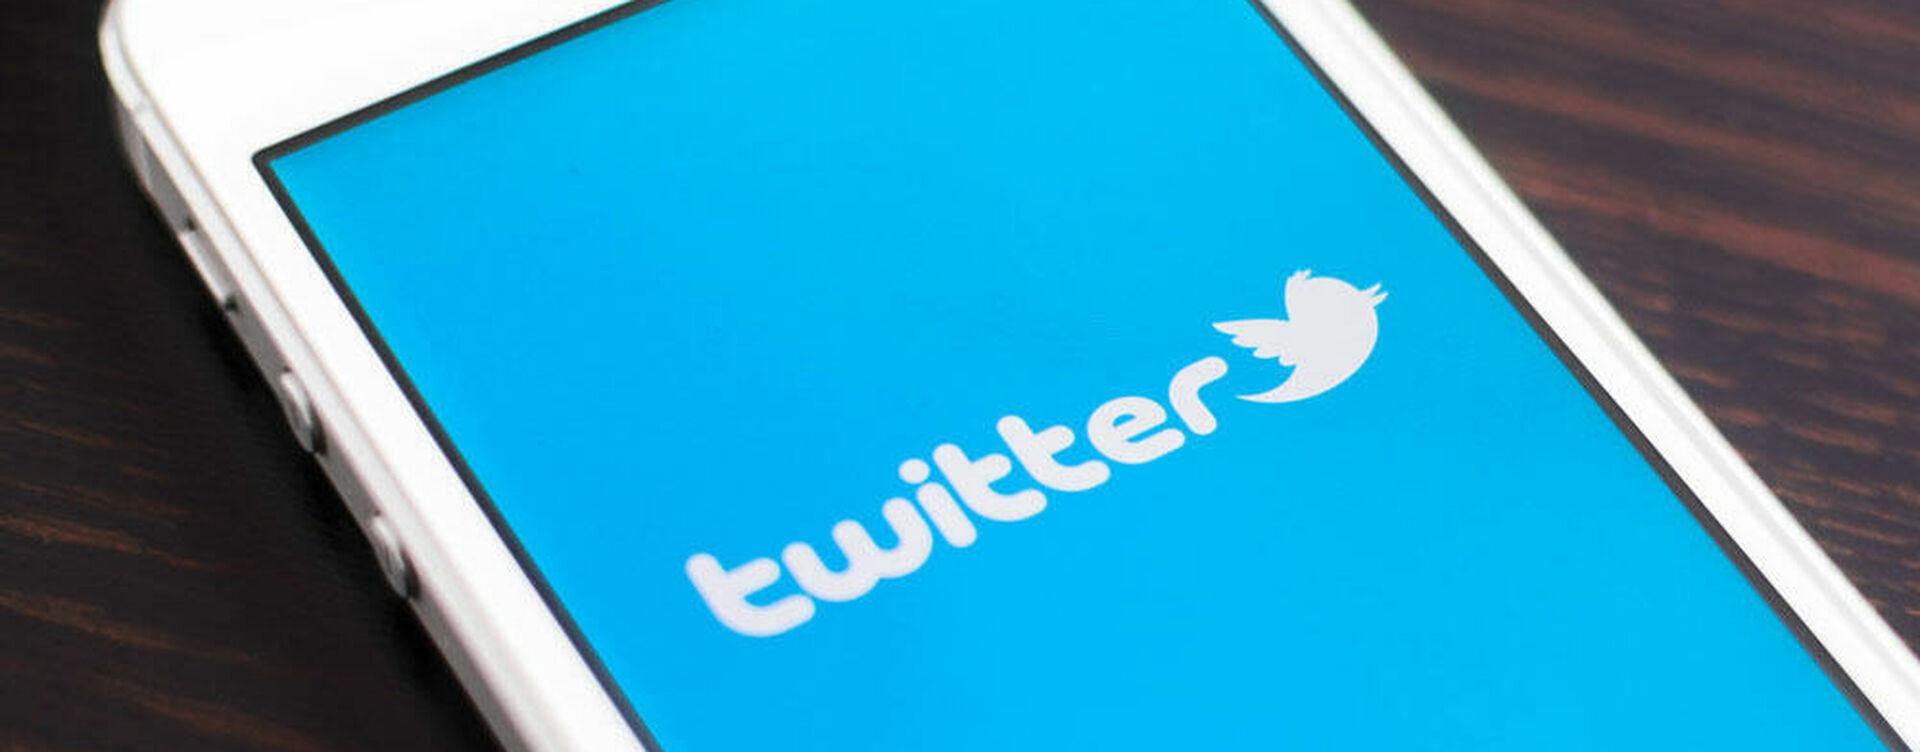 накрутить подписчиков твиттер